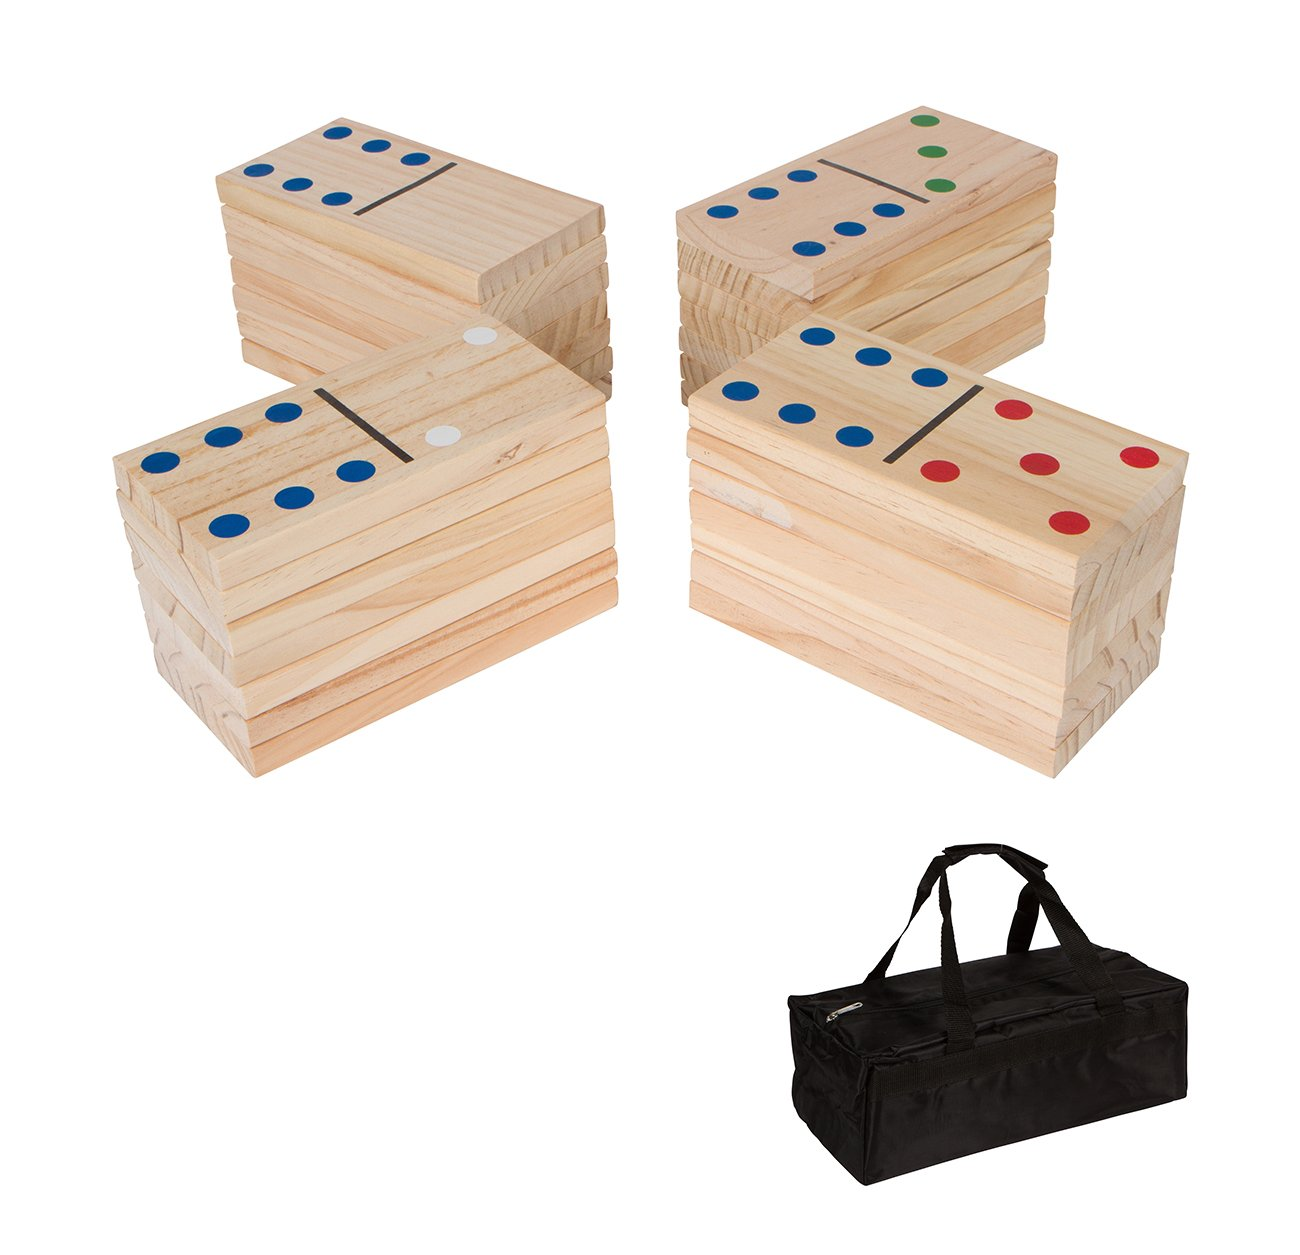 【ポイント10倍】 18cm 28-Piece B0756P86CF Giant Wood Dominoes (Light Set by with Carry Bag by Trademark Innovations (Light Wood) B0756P86CF, 草津市:e711ba4c --- yelica.com